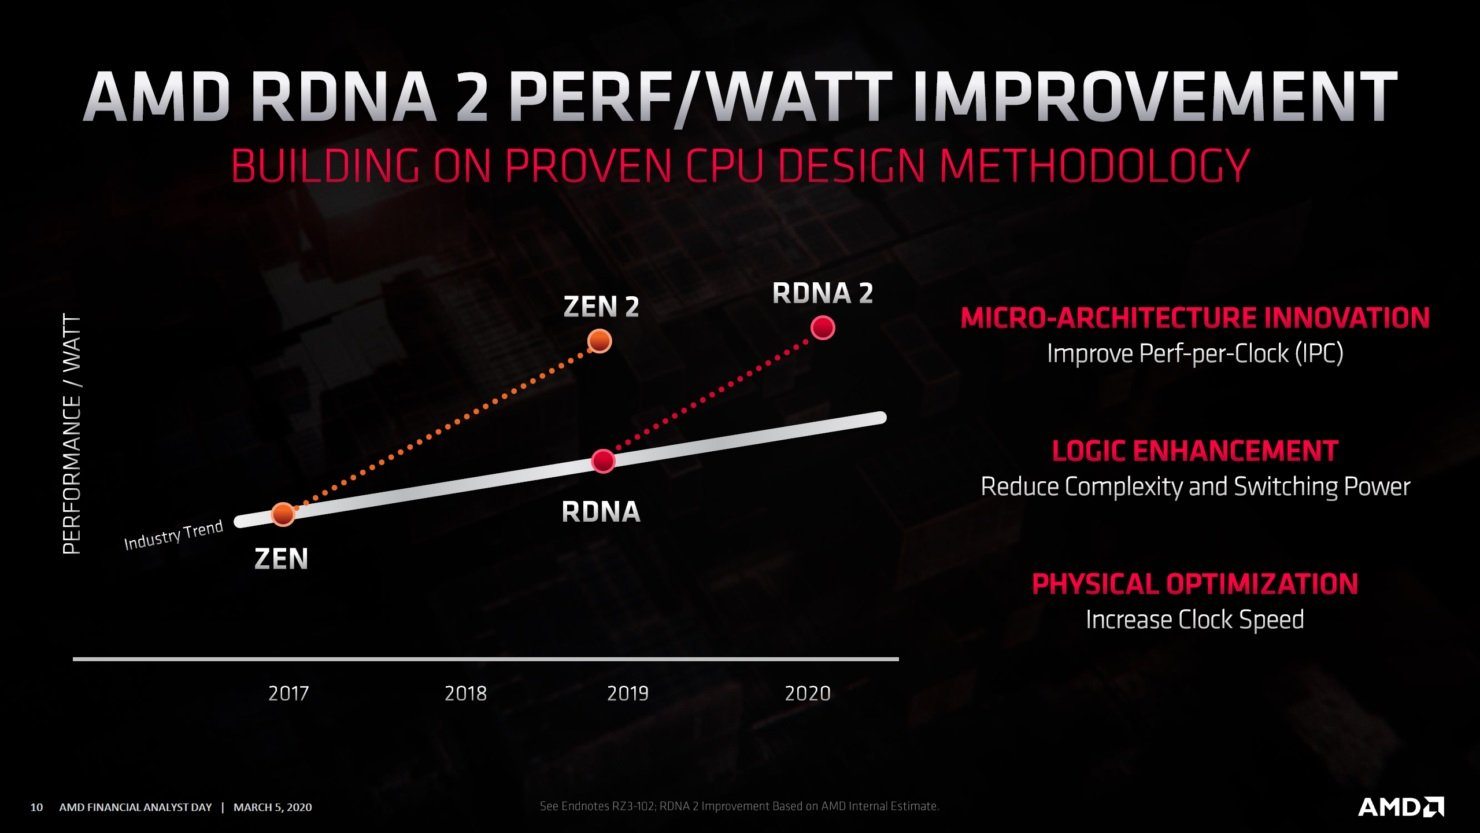 AMD RDNA2 wzrost wydajności